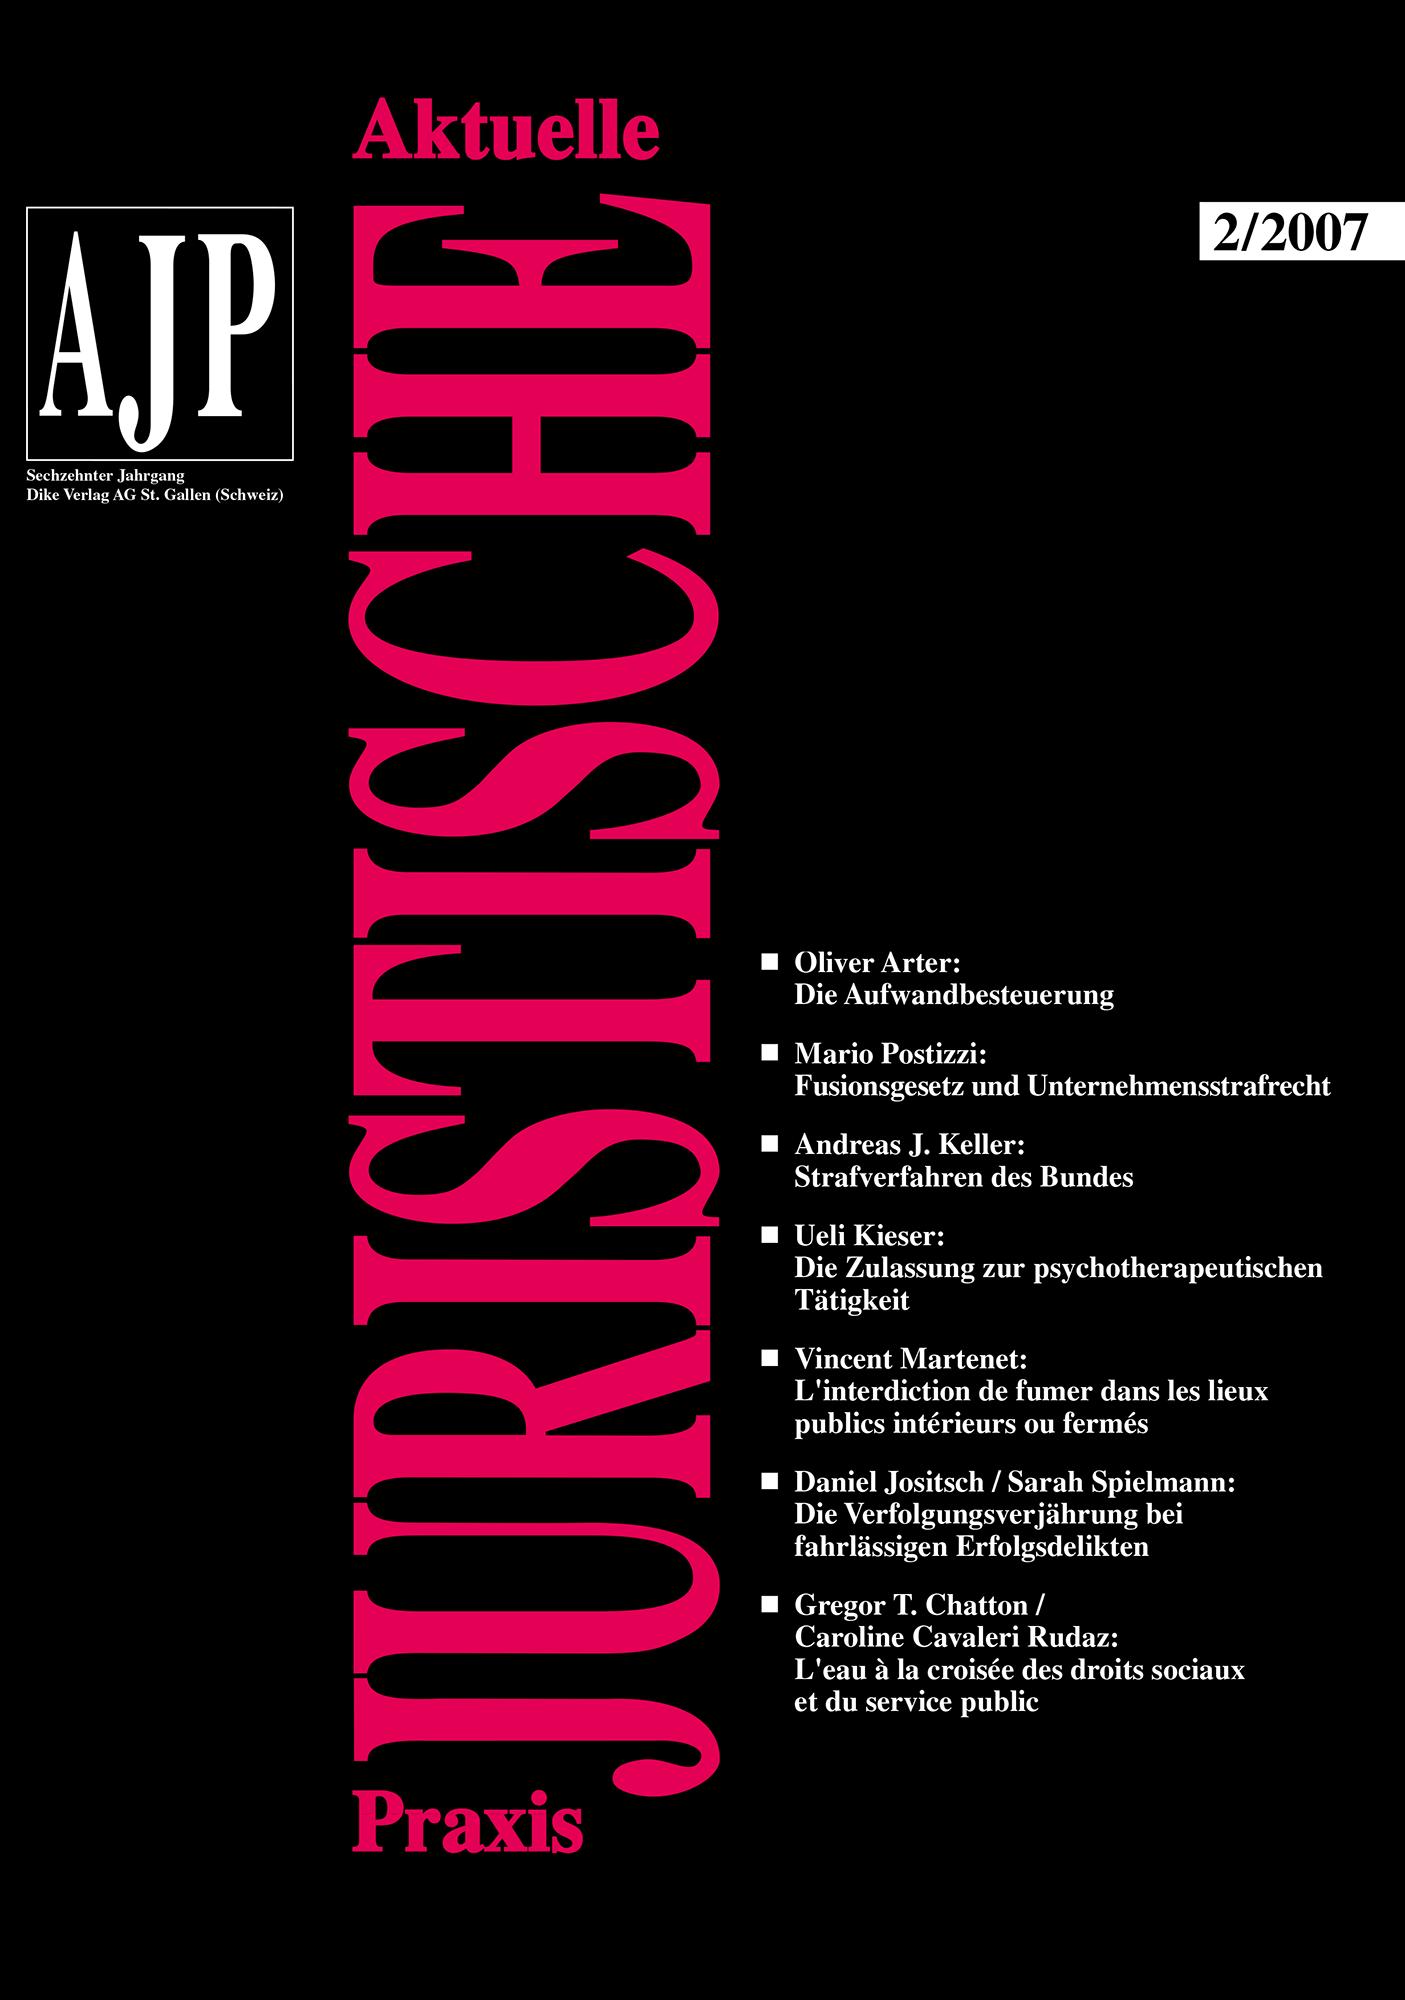 AJP/PJA 02/2007